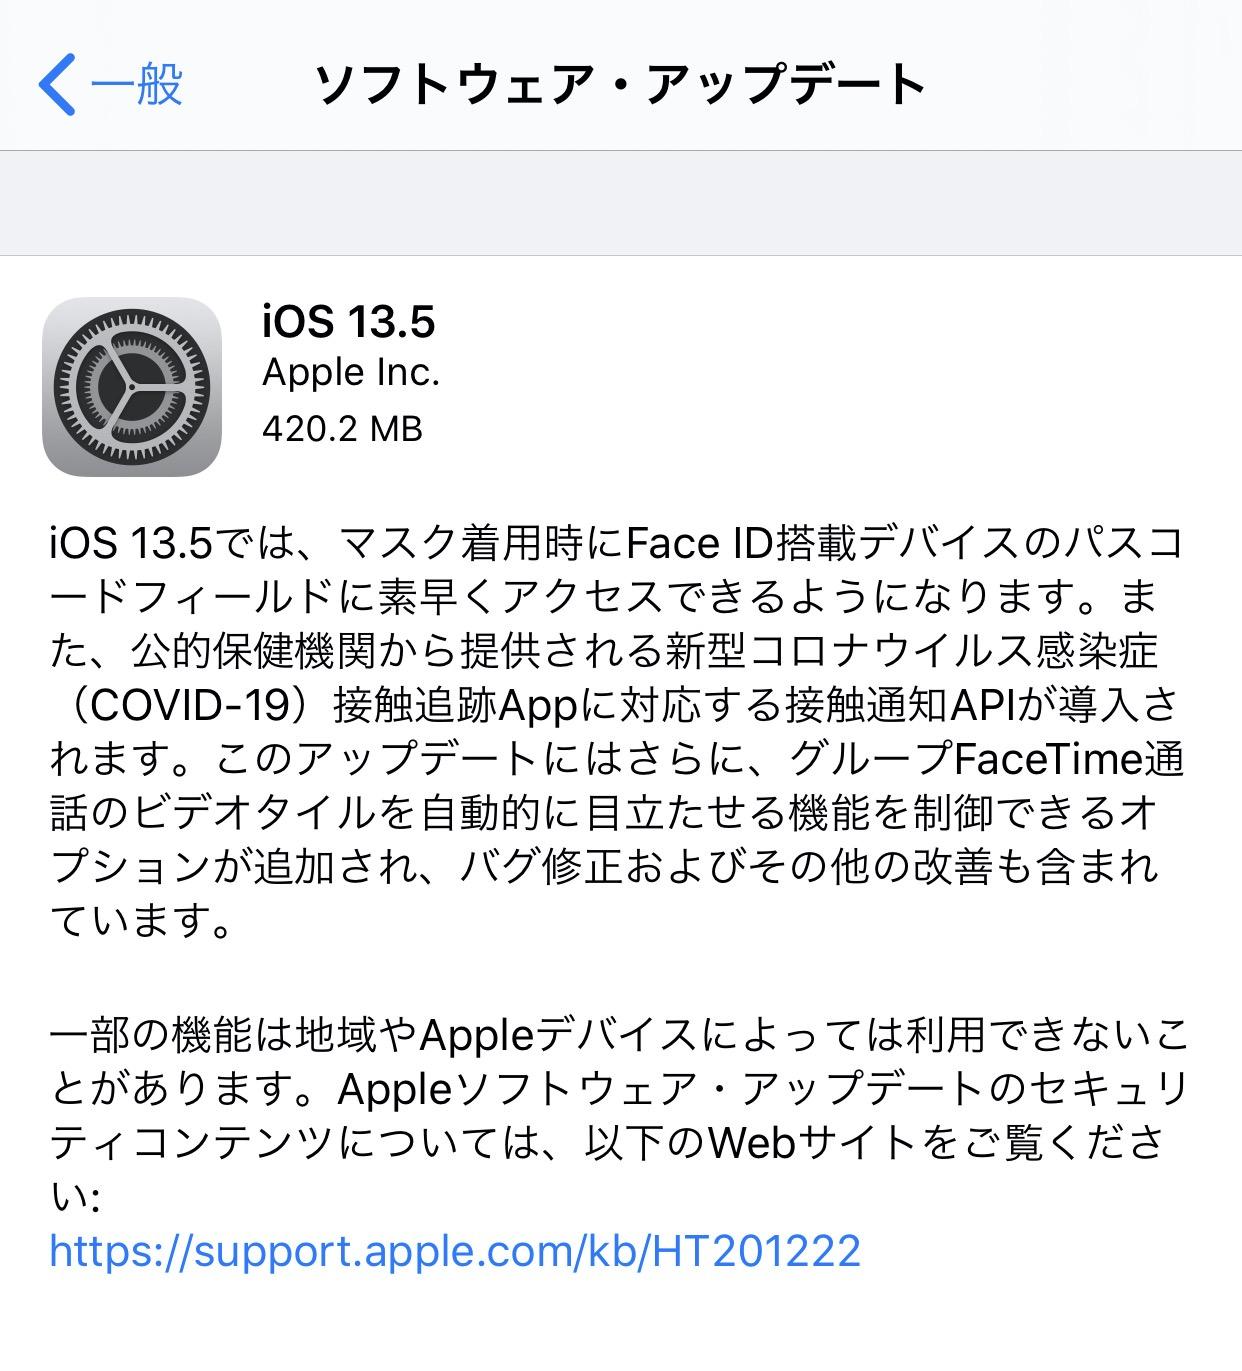 【iOS 13】マスク着用時にFace ID搭載デバイスでパスコードフィールドに素早くアクセスできる「iOS 13.5 ソフトウェア・アップデート」リリース